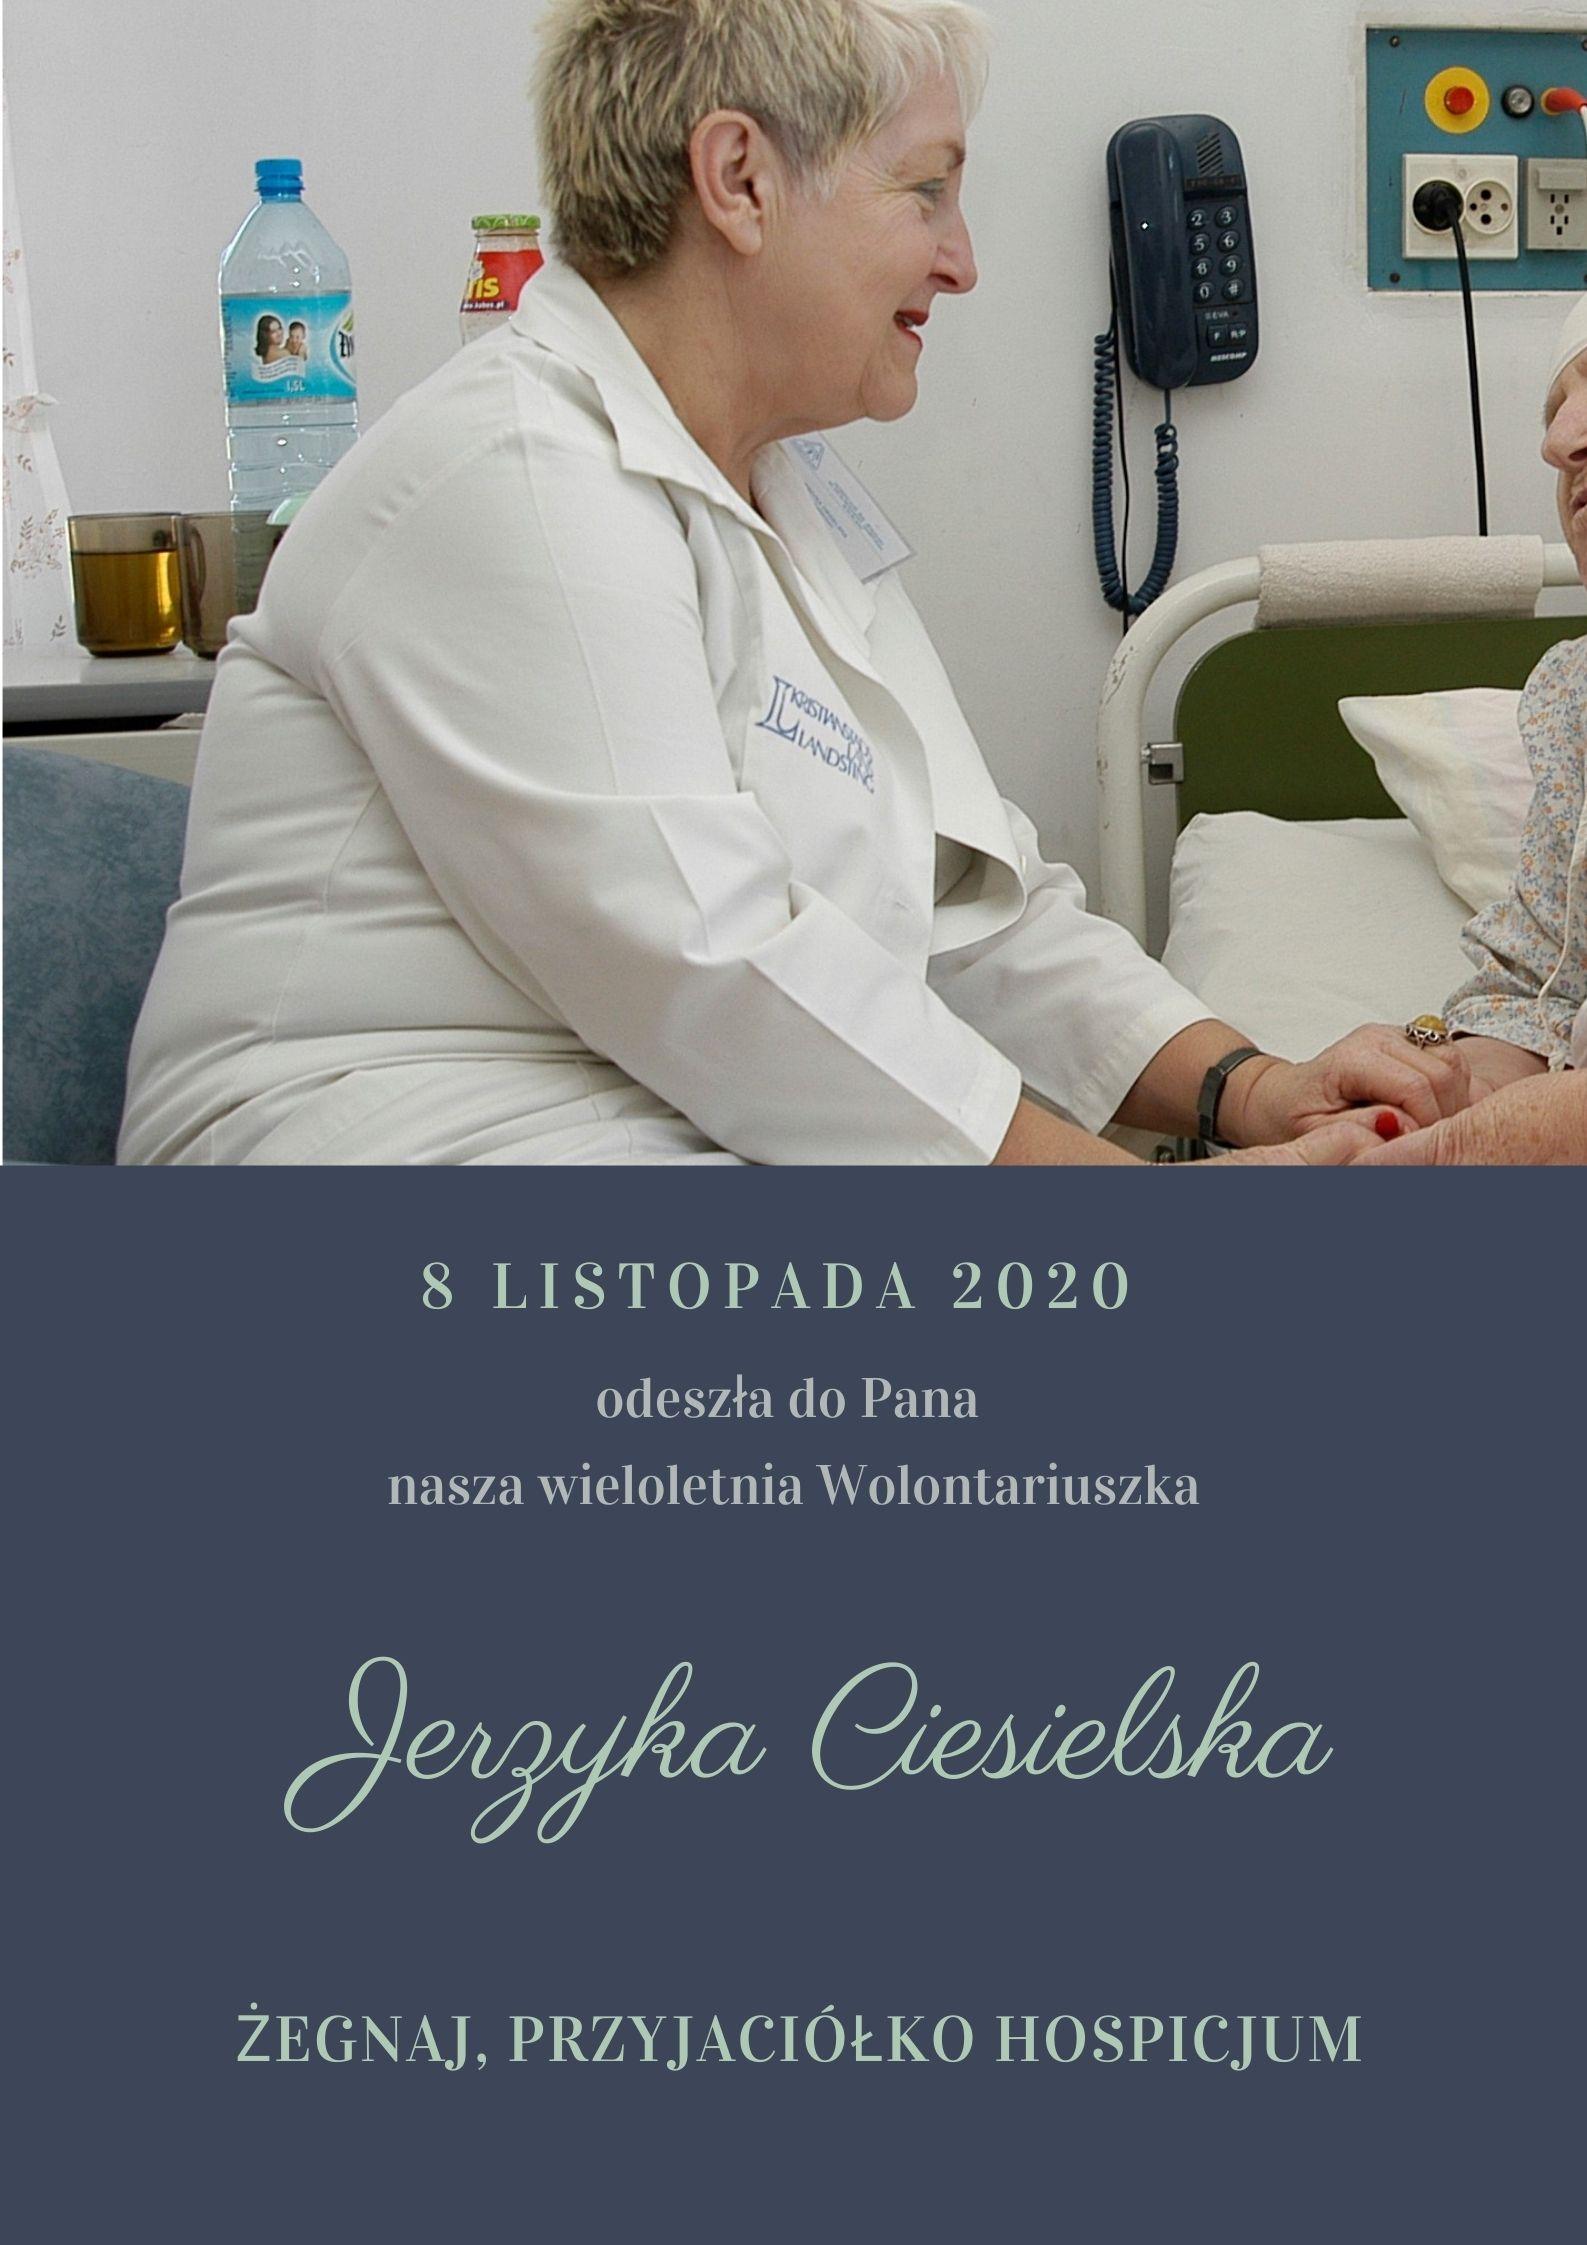 Jerzyka Ciesielska